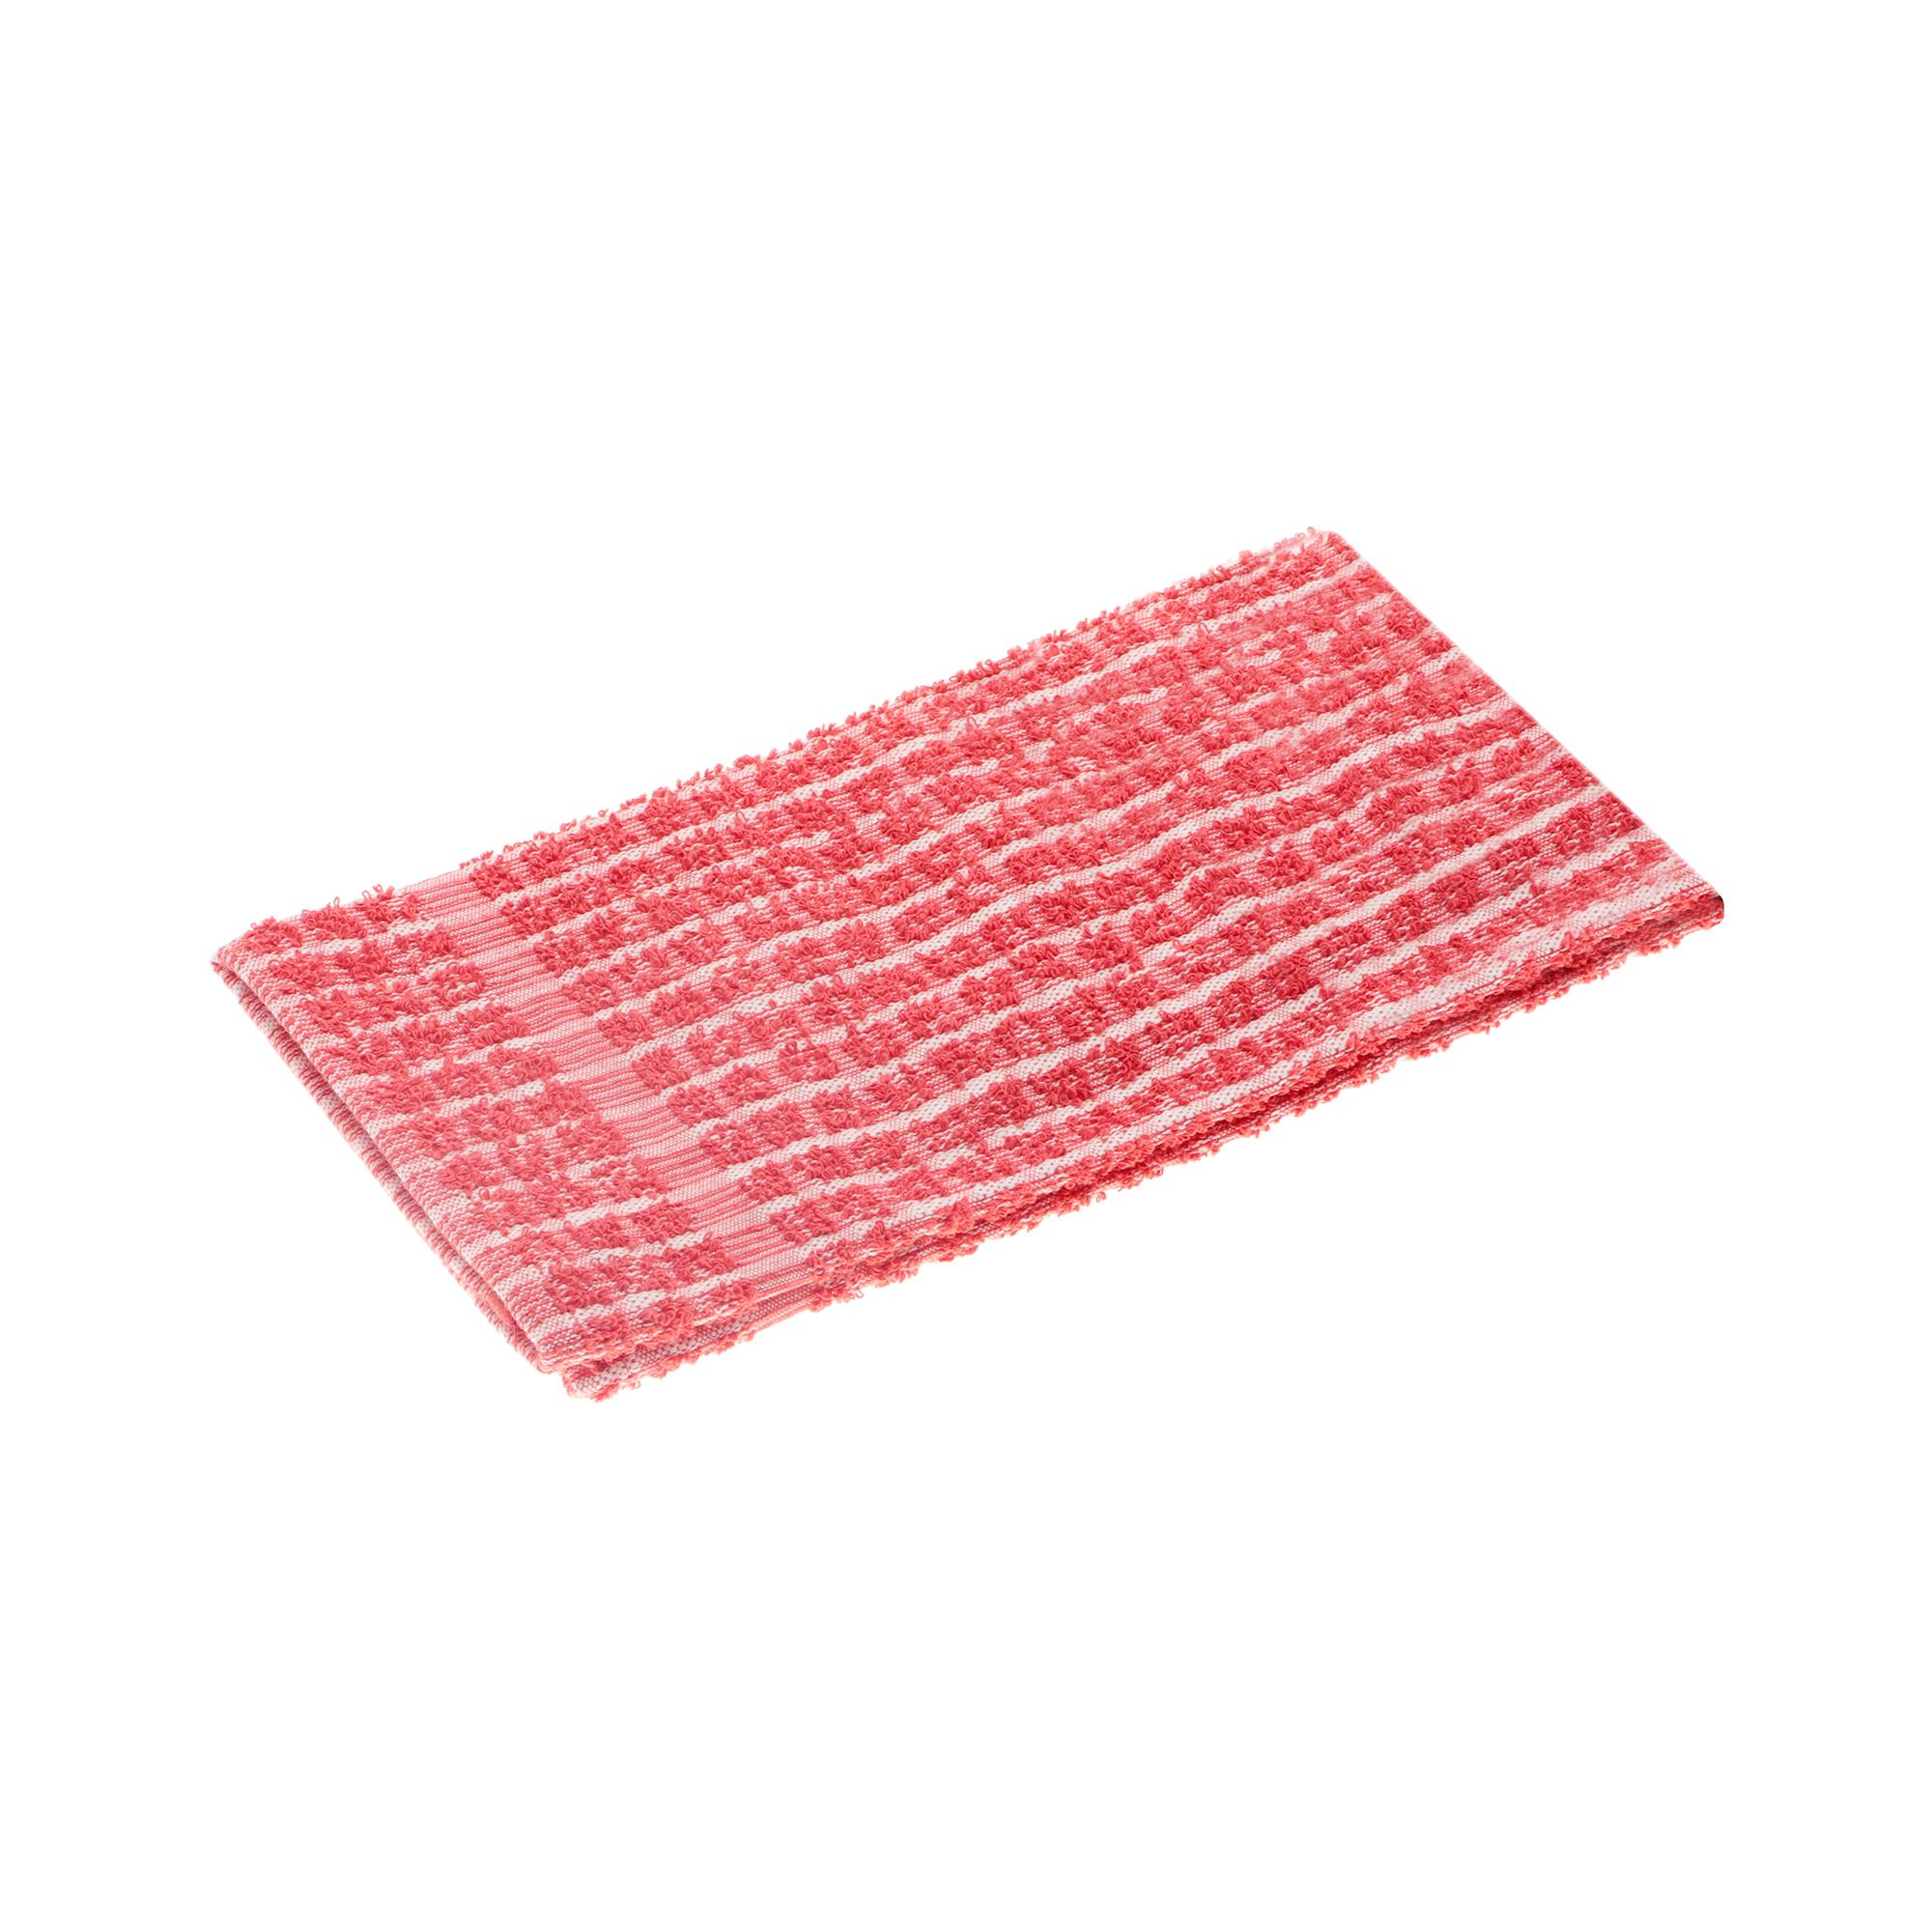 Полотенце кухонное 40х60 Homelines textiles bordo